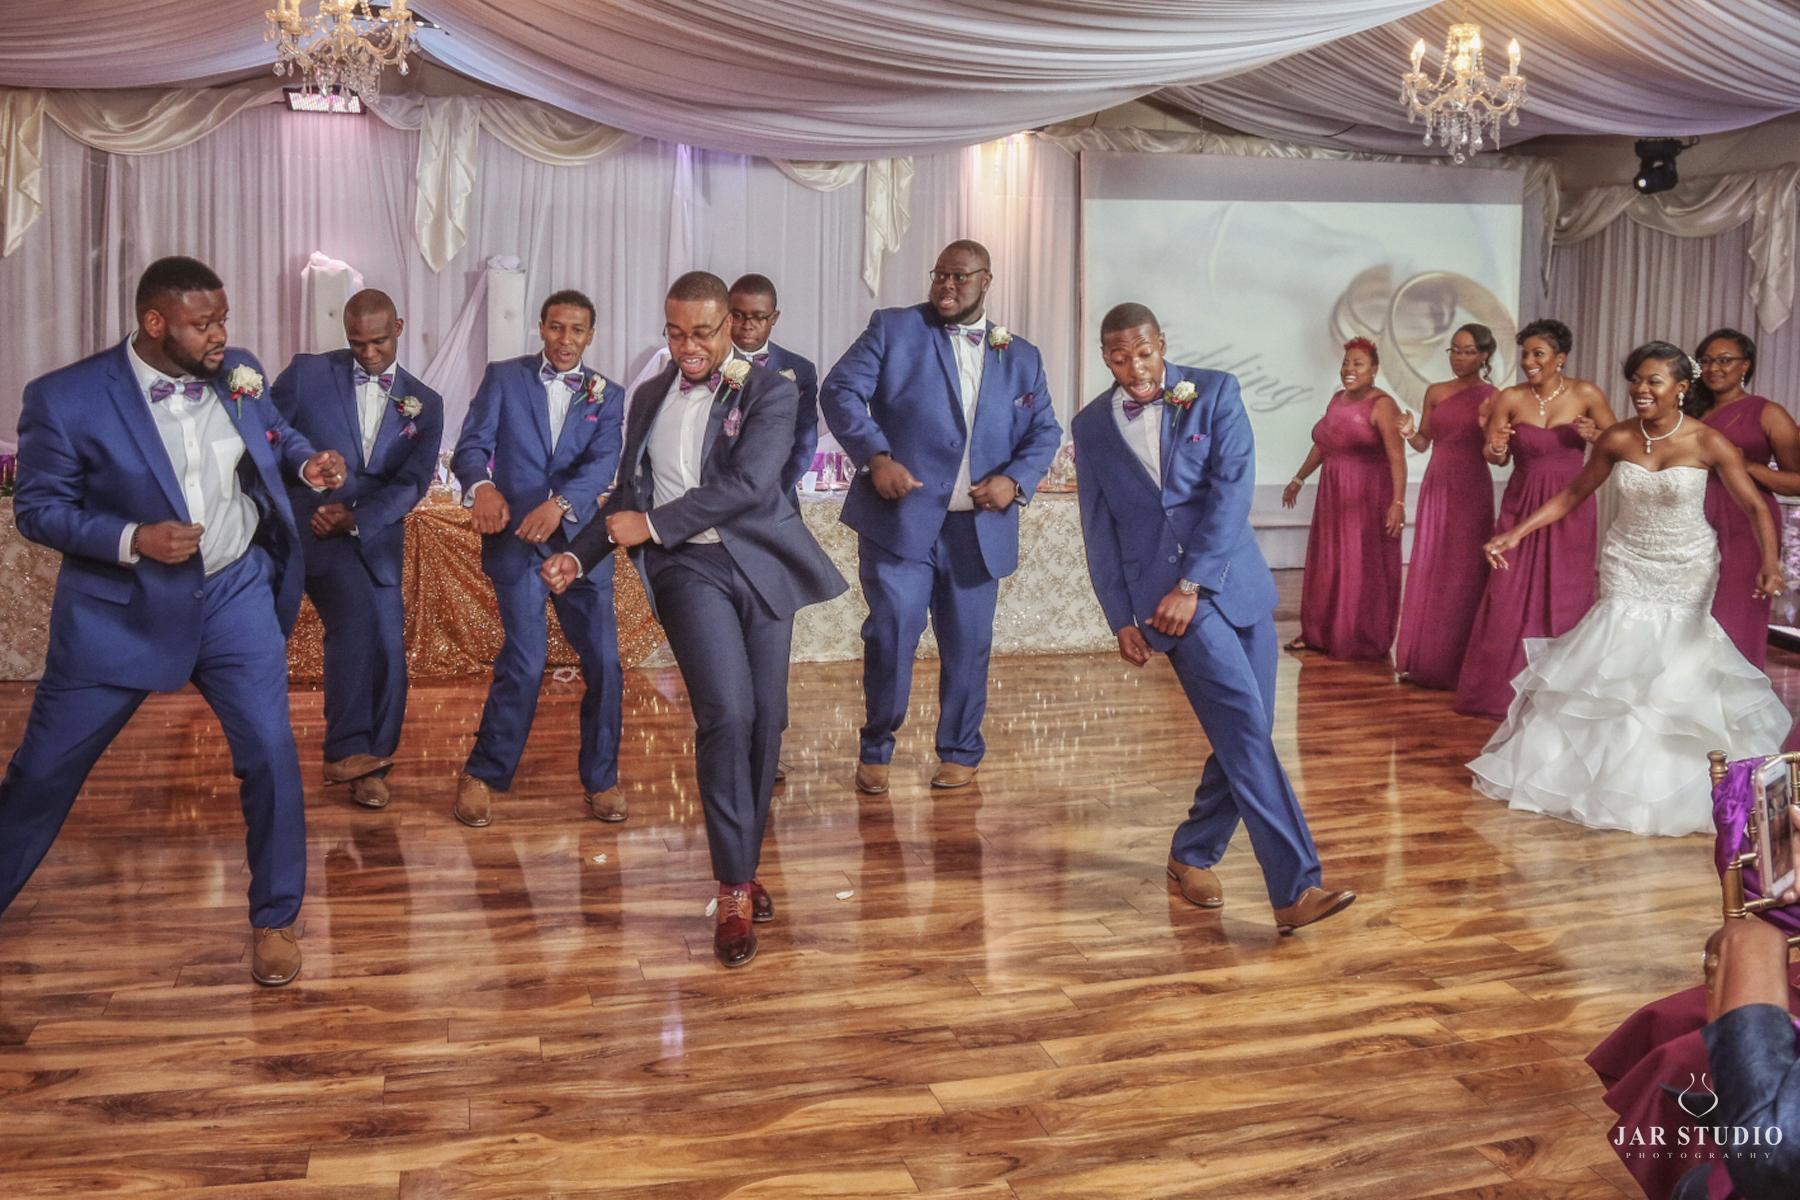 41-jarstudio-wedding-photographer.JPG